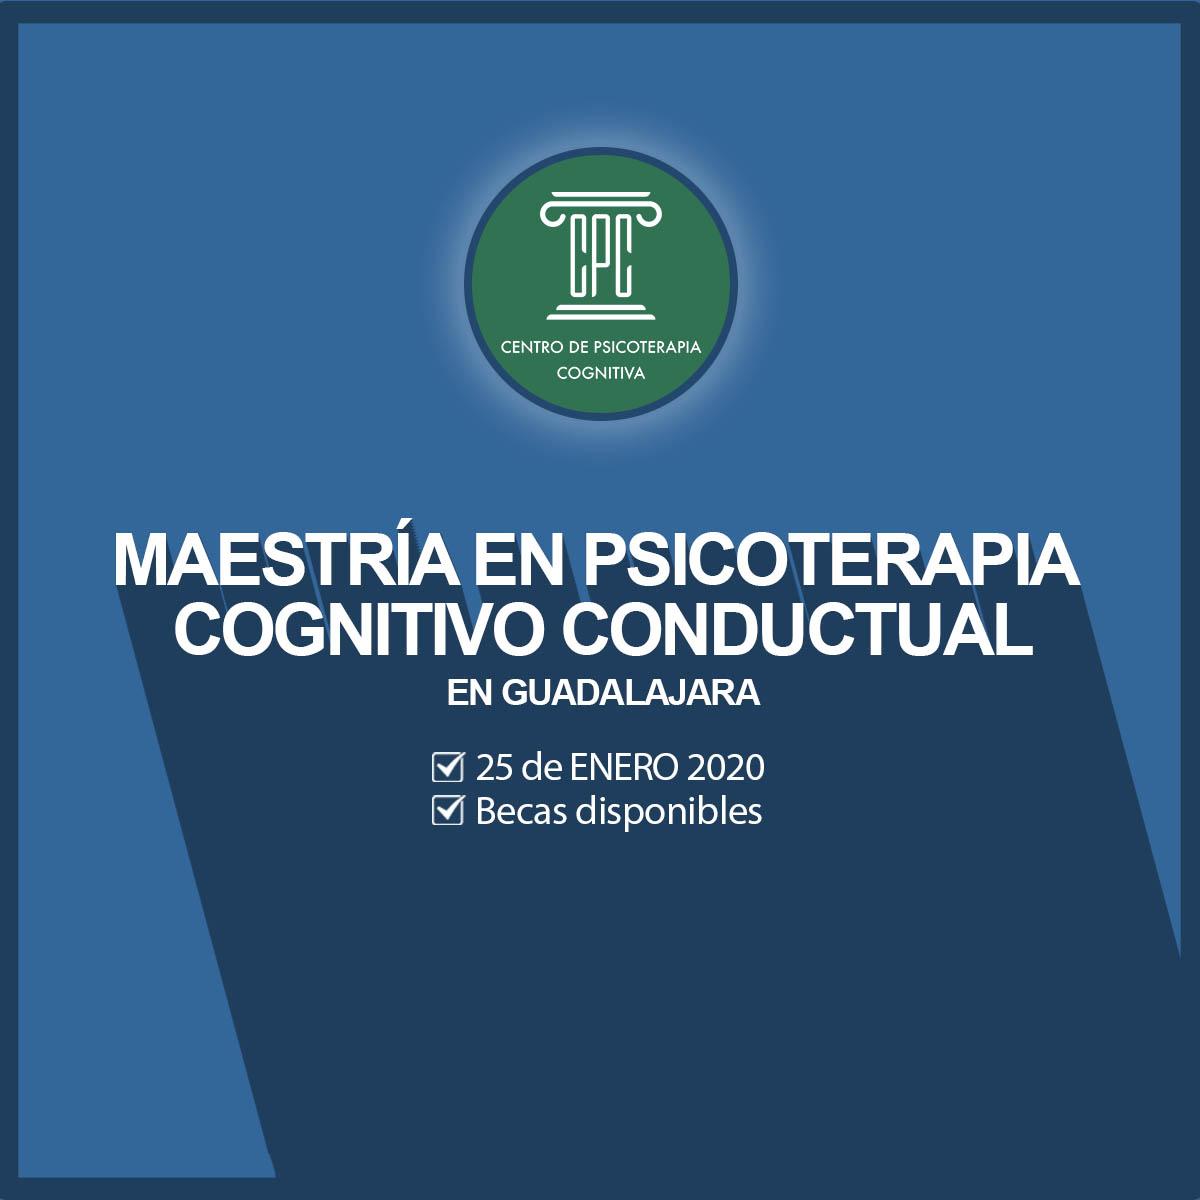 Sede: Guadalajara